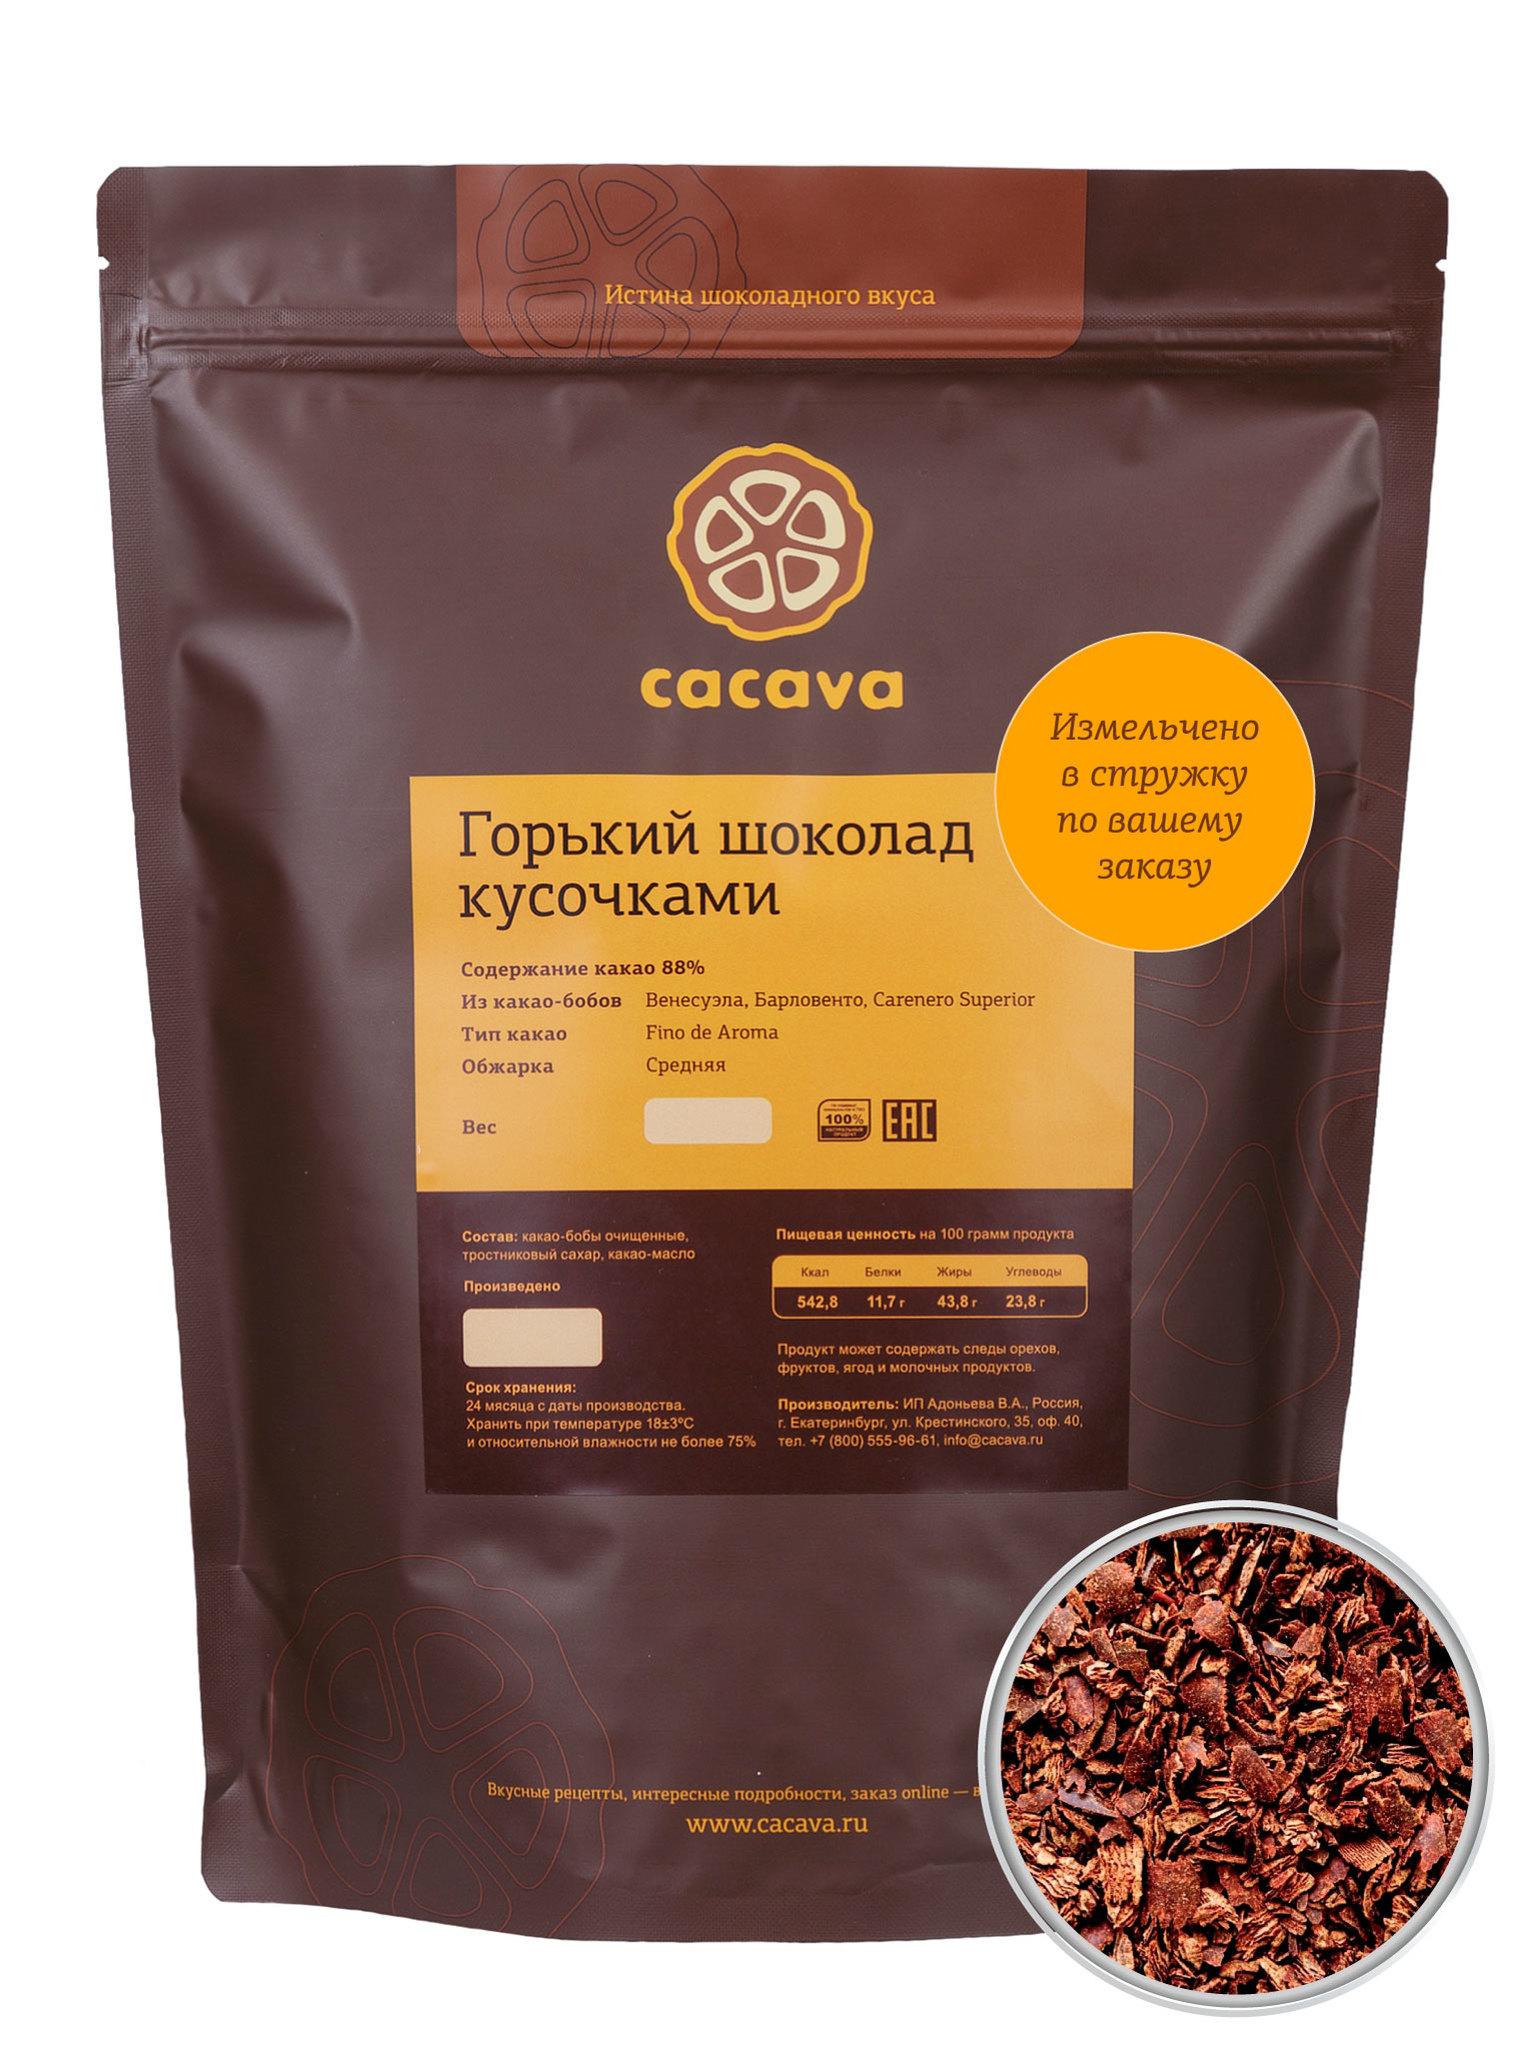 Горький шоколад 88 % какао в стружке (Венесуэла), упаковка 1 кг